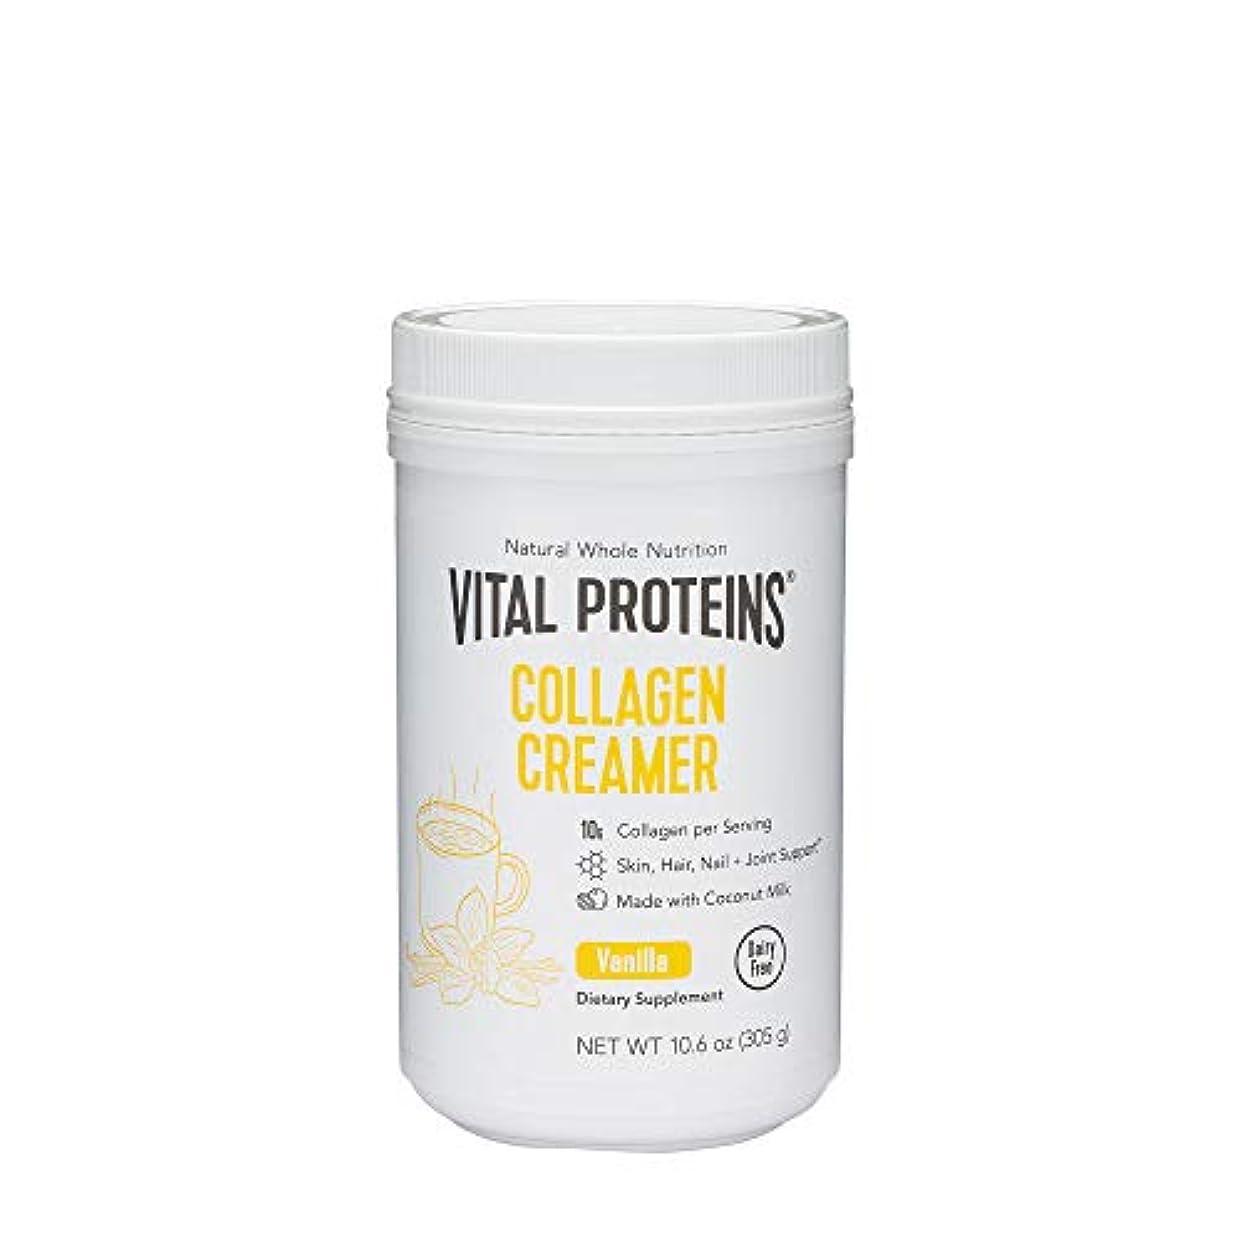 王女識字助言プロテイン Vital Proteins Collagen Creamer 10.3 oz 293 g バニラ